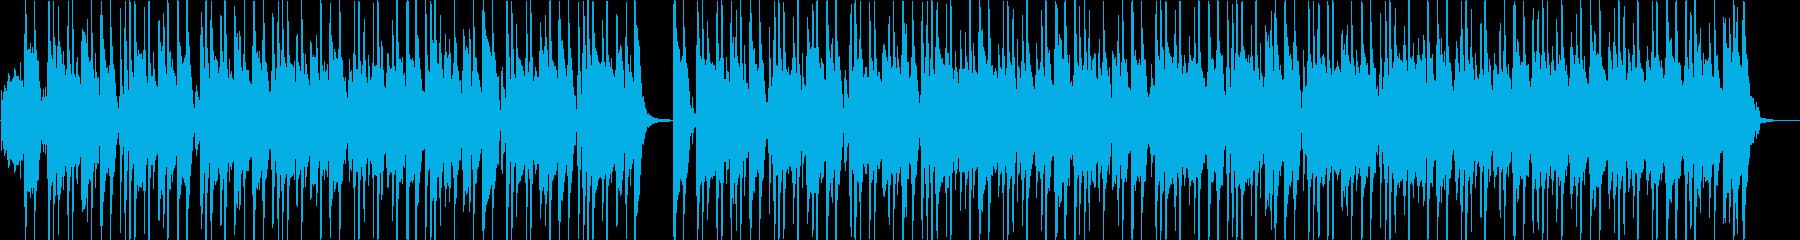 ピアノとバンドサウンドの軽快な曲の再生済みの波形